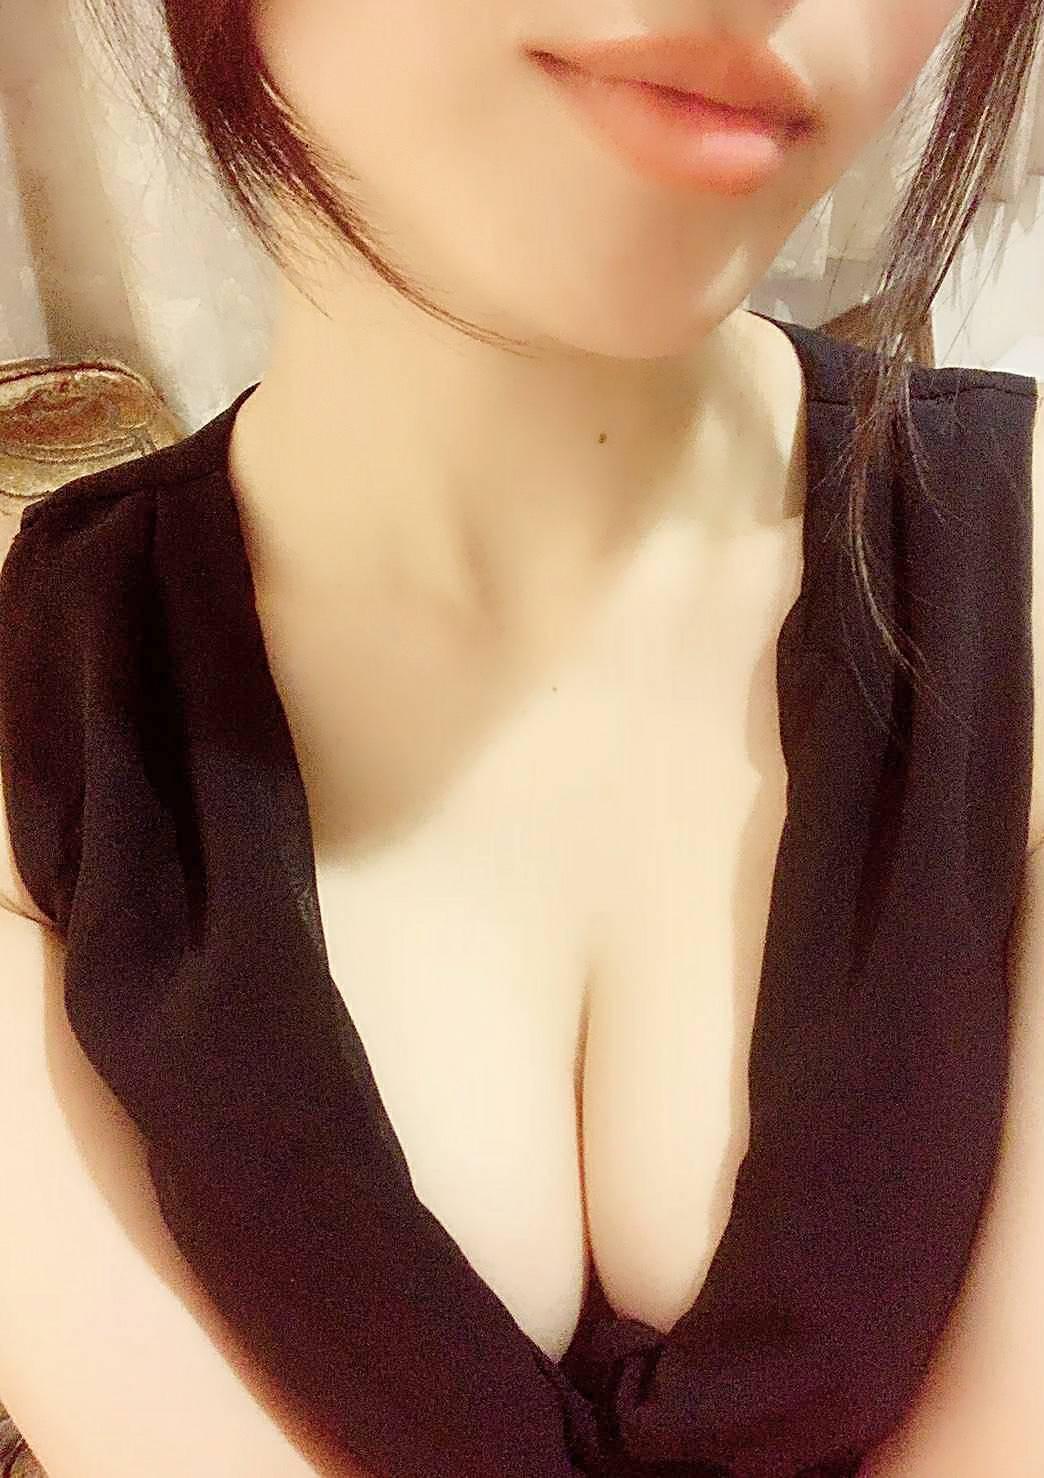 小林 28歳 165cmの写真1